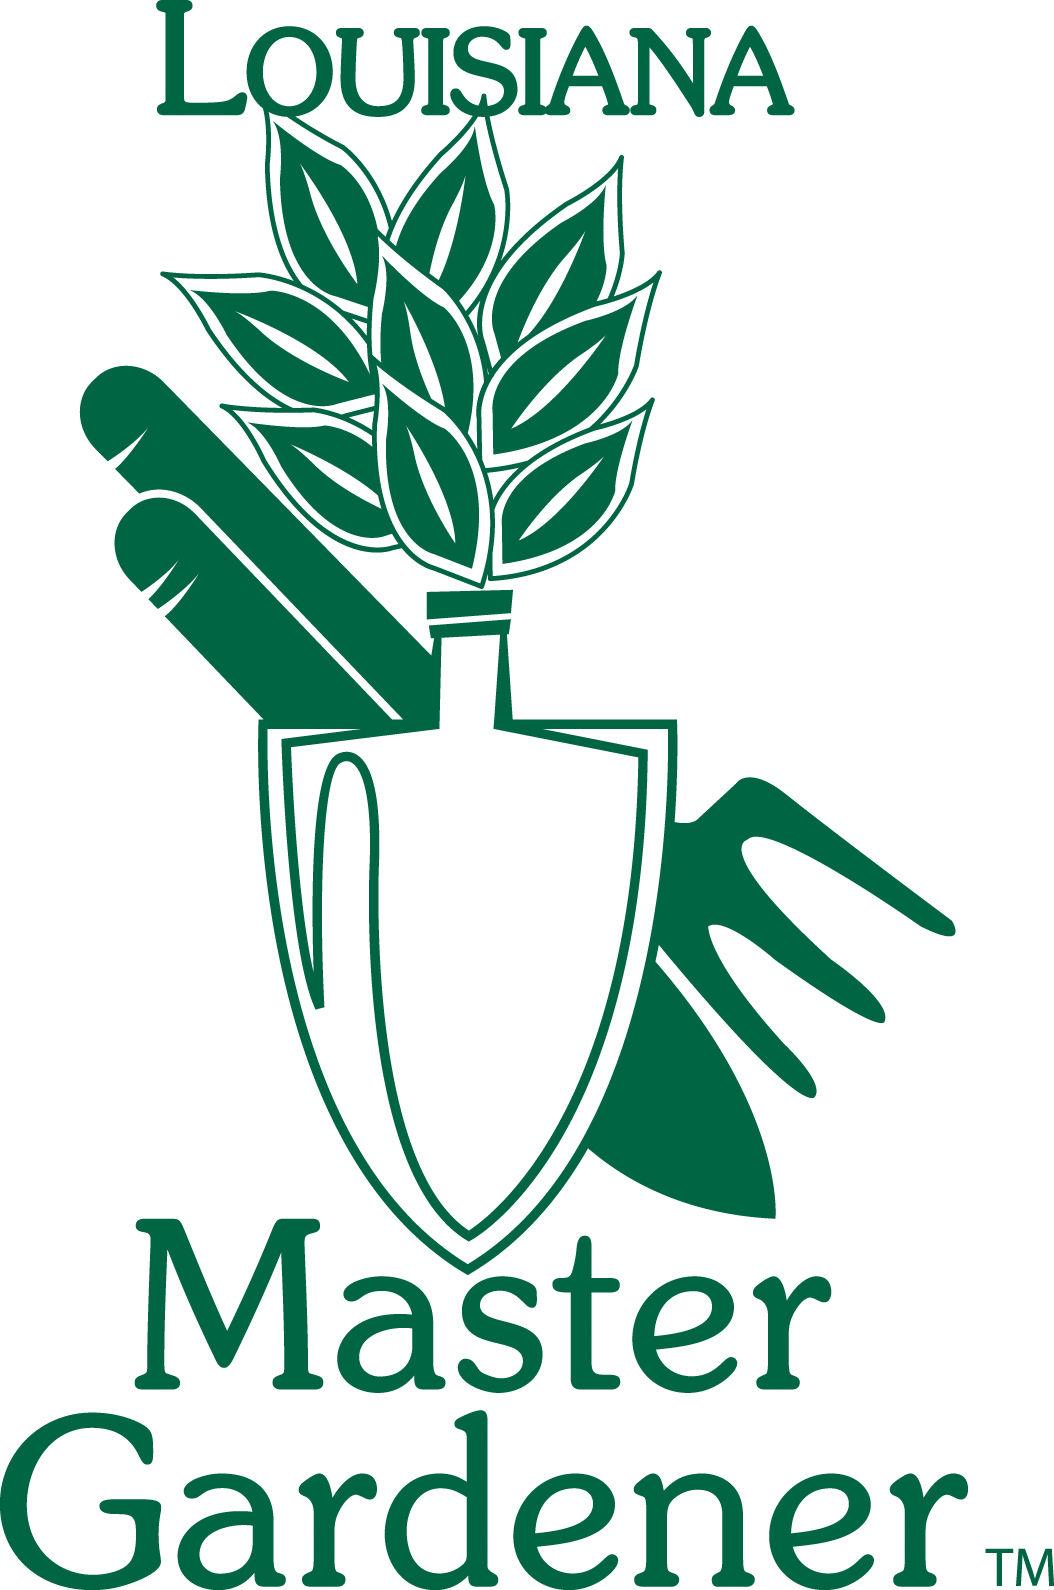 Garden News: Louisiana Masters Gardner Program Offers Lots Of Volunteer  Opportunities